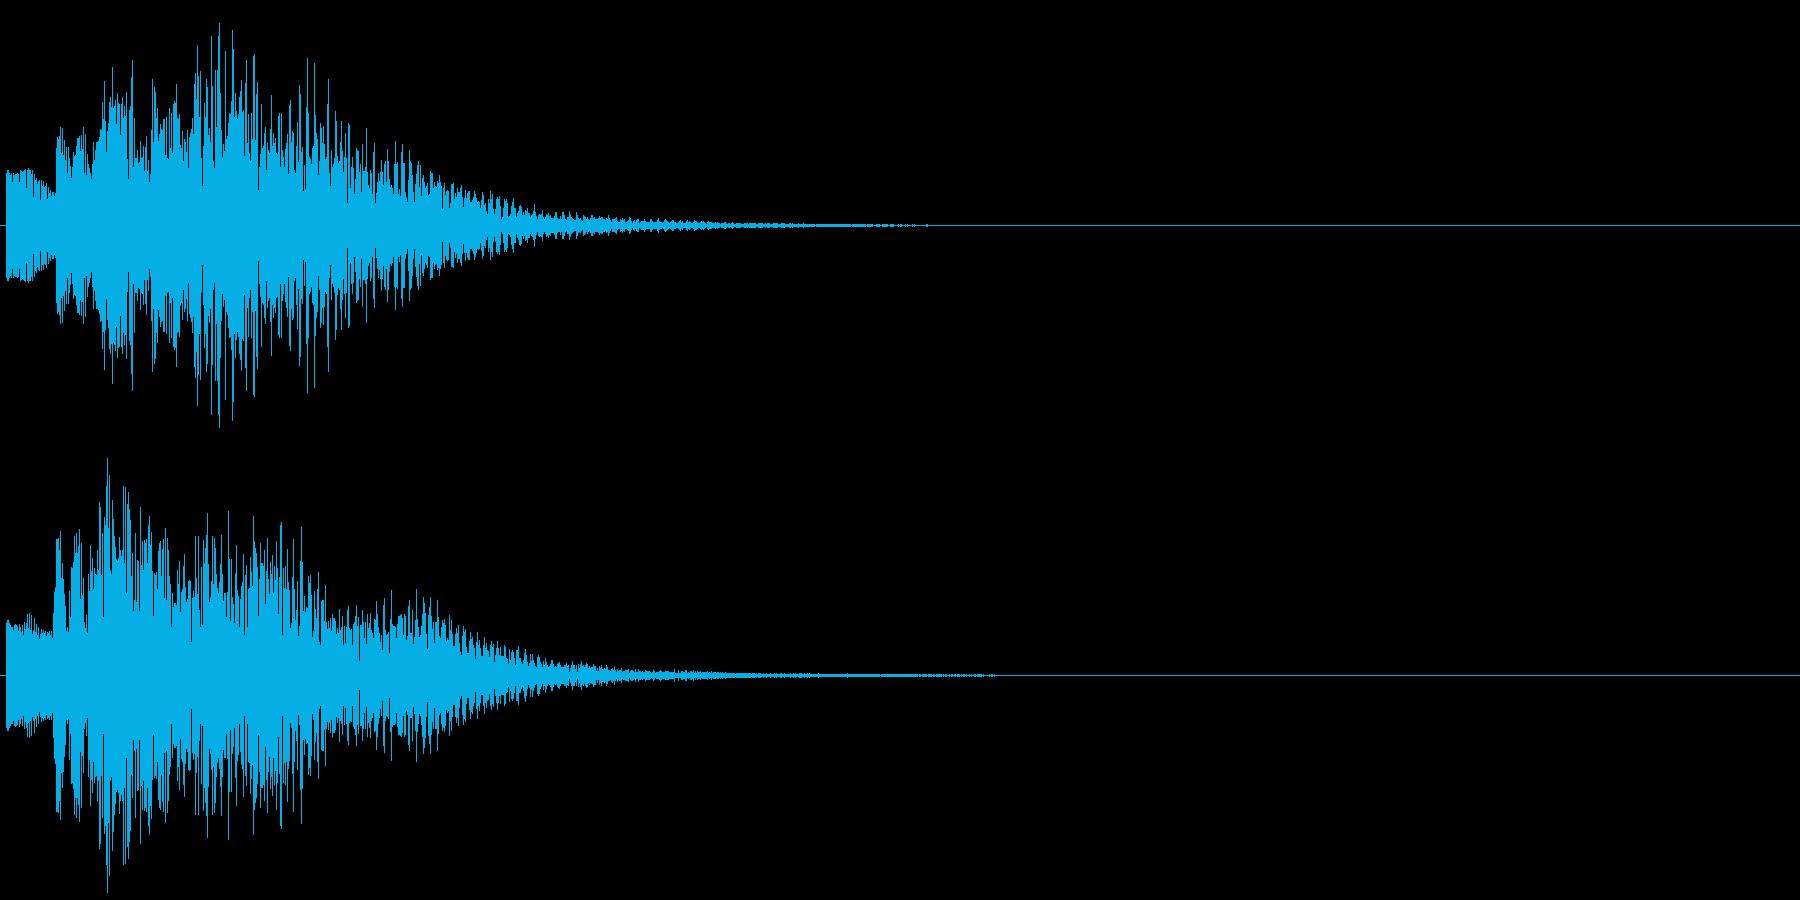 お知らせ タイトル チャイム ロゴ音8の再生済みの波形